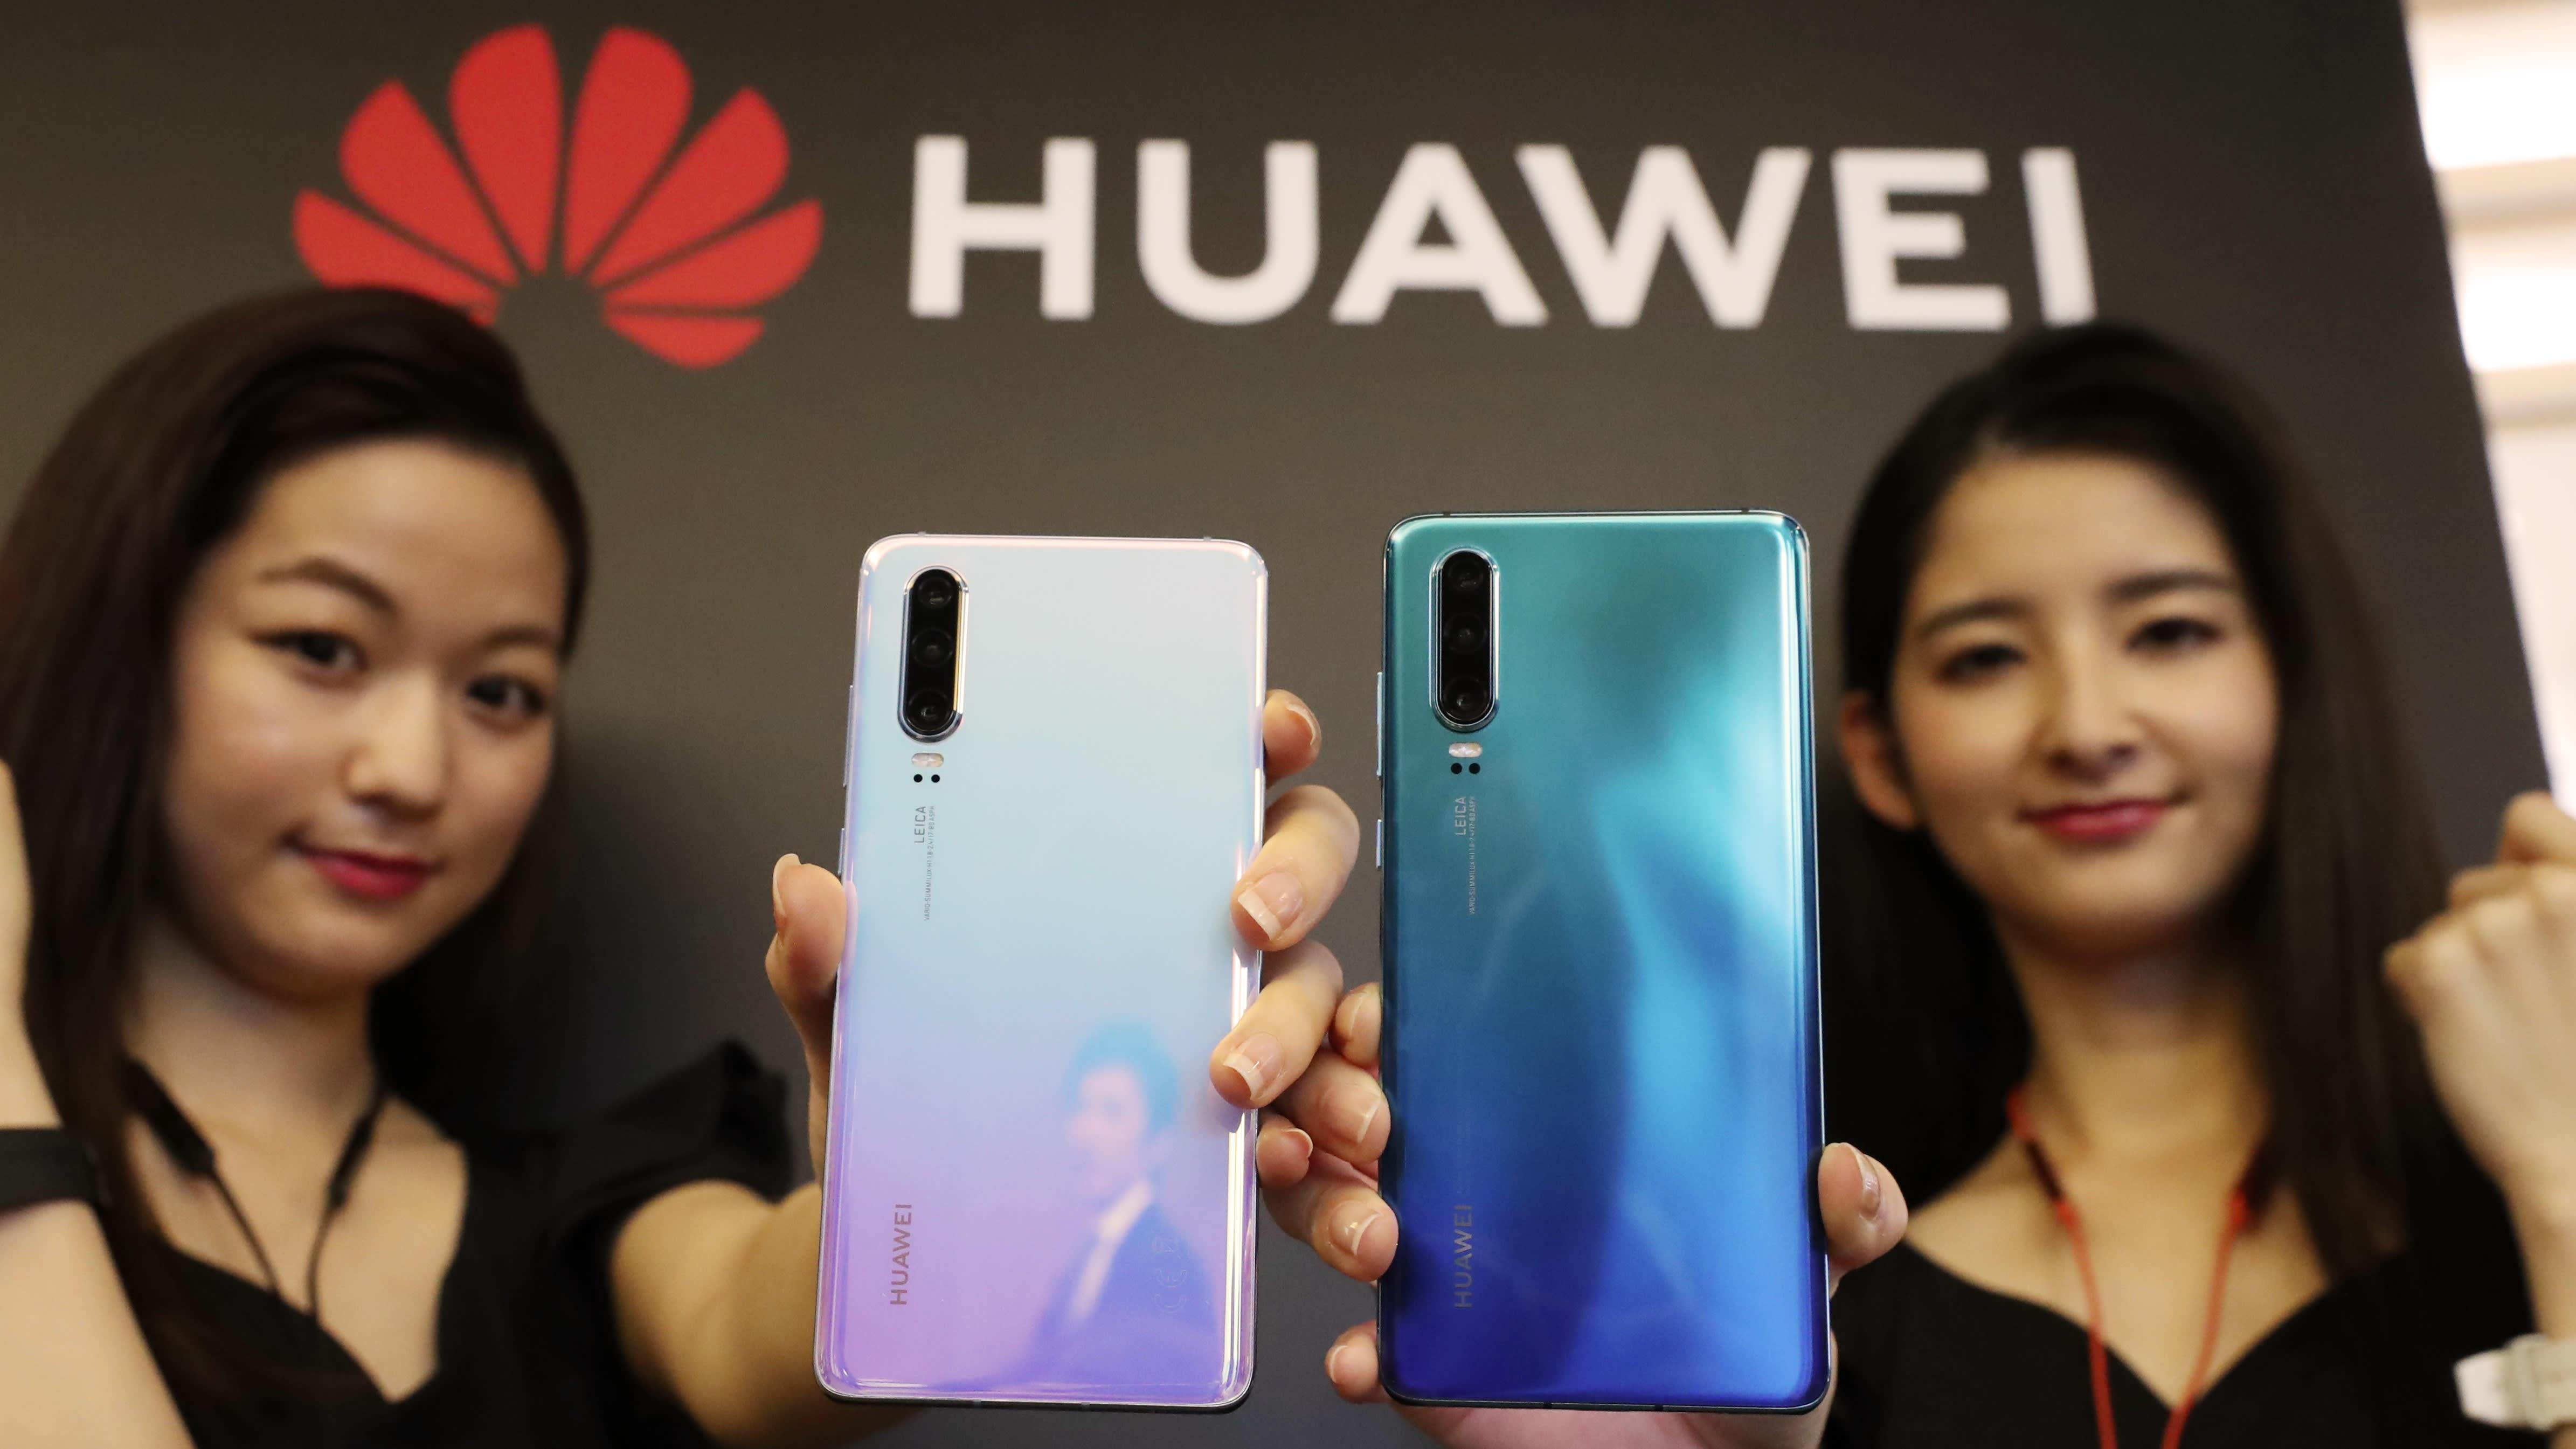 Doanh số Huawei tăng 130% tại Trung Quốc sau khi Mỹ ban hành lệnh cấm - 1